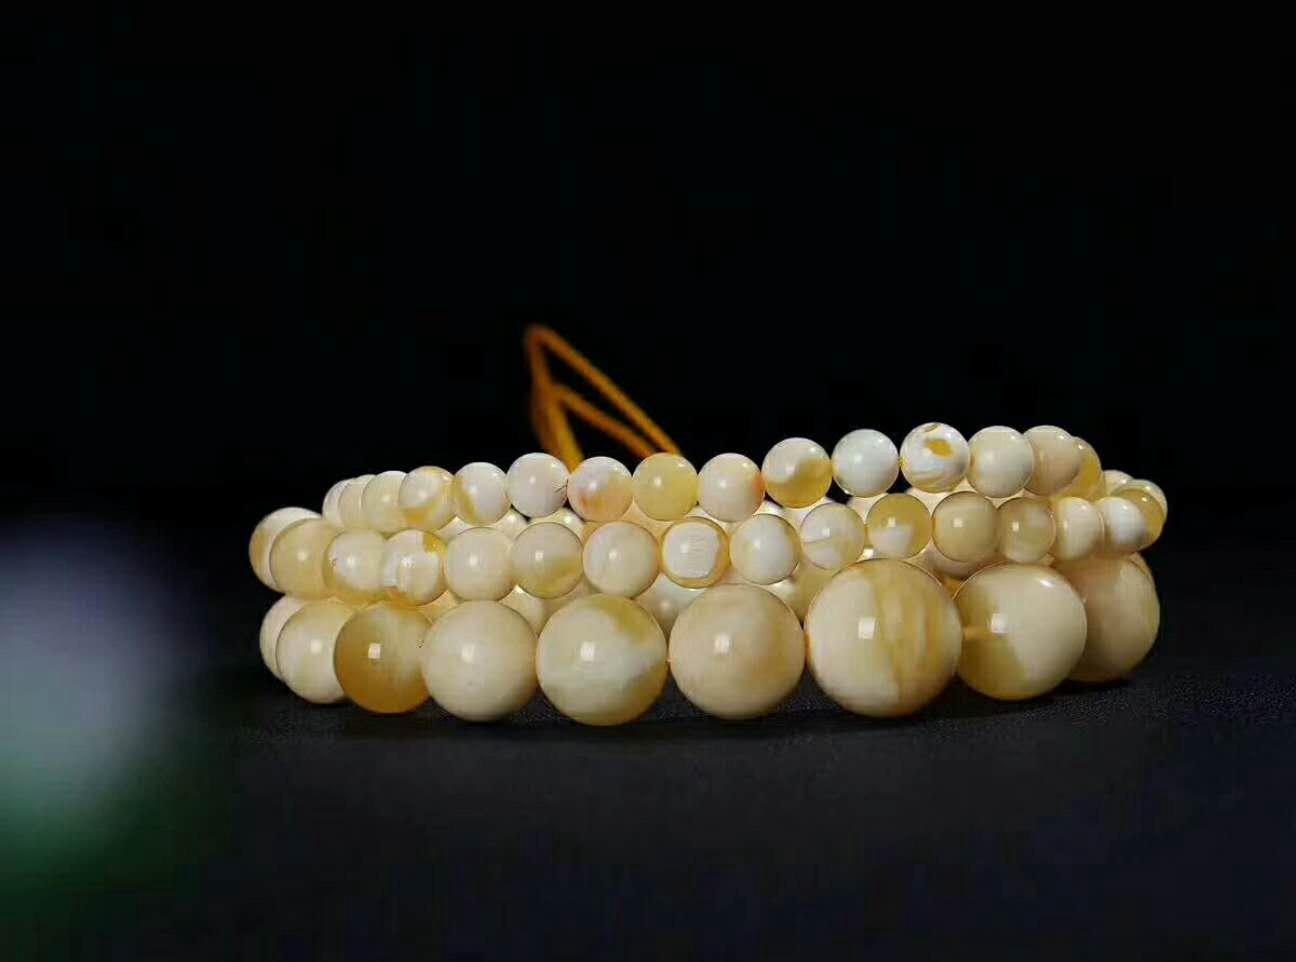 白花蜜腊的价格,白花蜜蜡有什么特点?